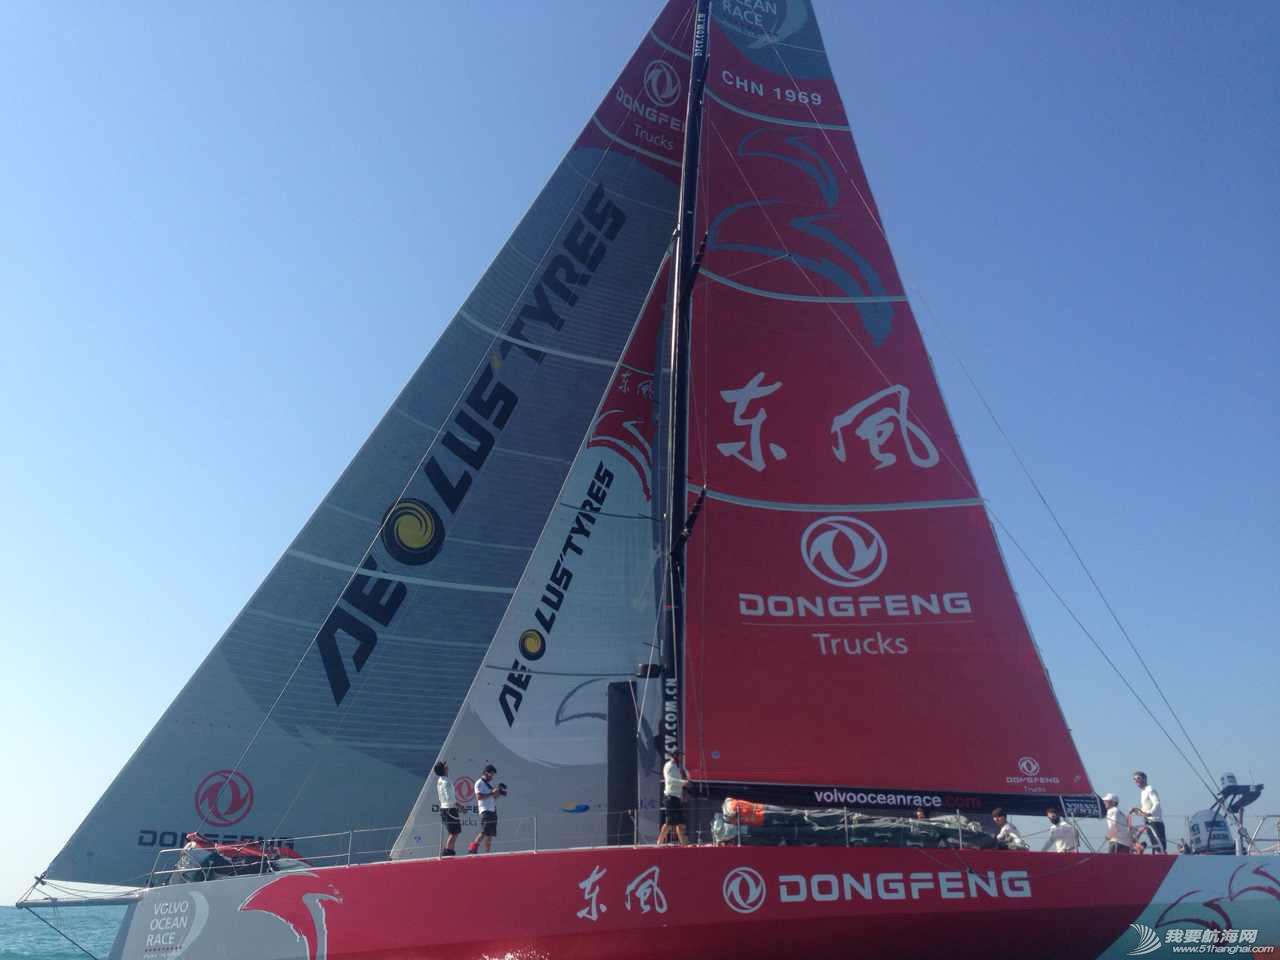 布鲁,内尔,东风,帆船,赛段 第二赛段东风队十几分钟之差屈居第二,布鲁内尔队获第一 沃尔沃环球帆船赛前线报道 东风队英姿 205534d6r6oor7dld0okfj